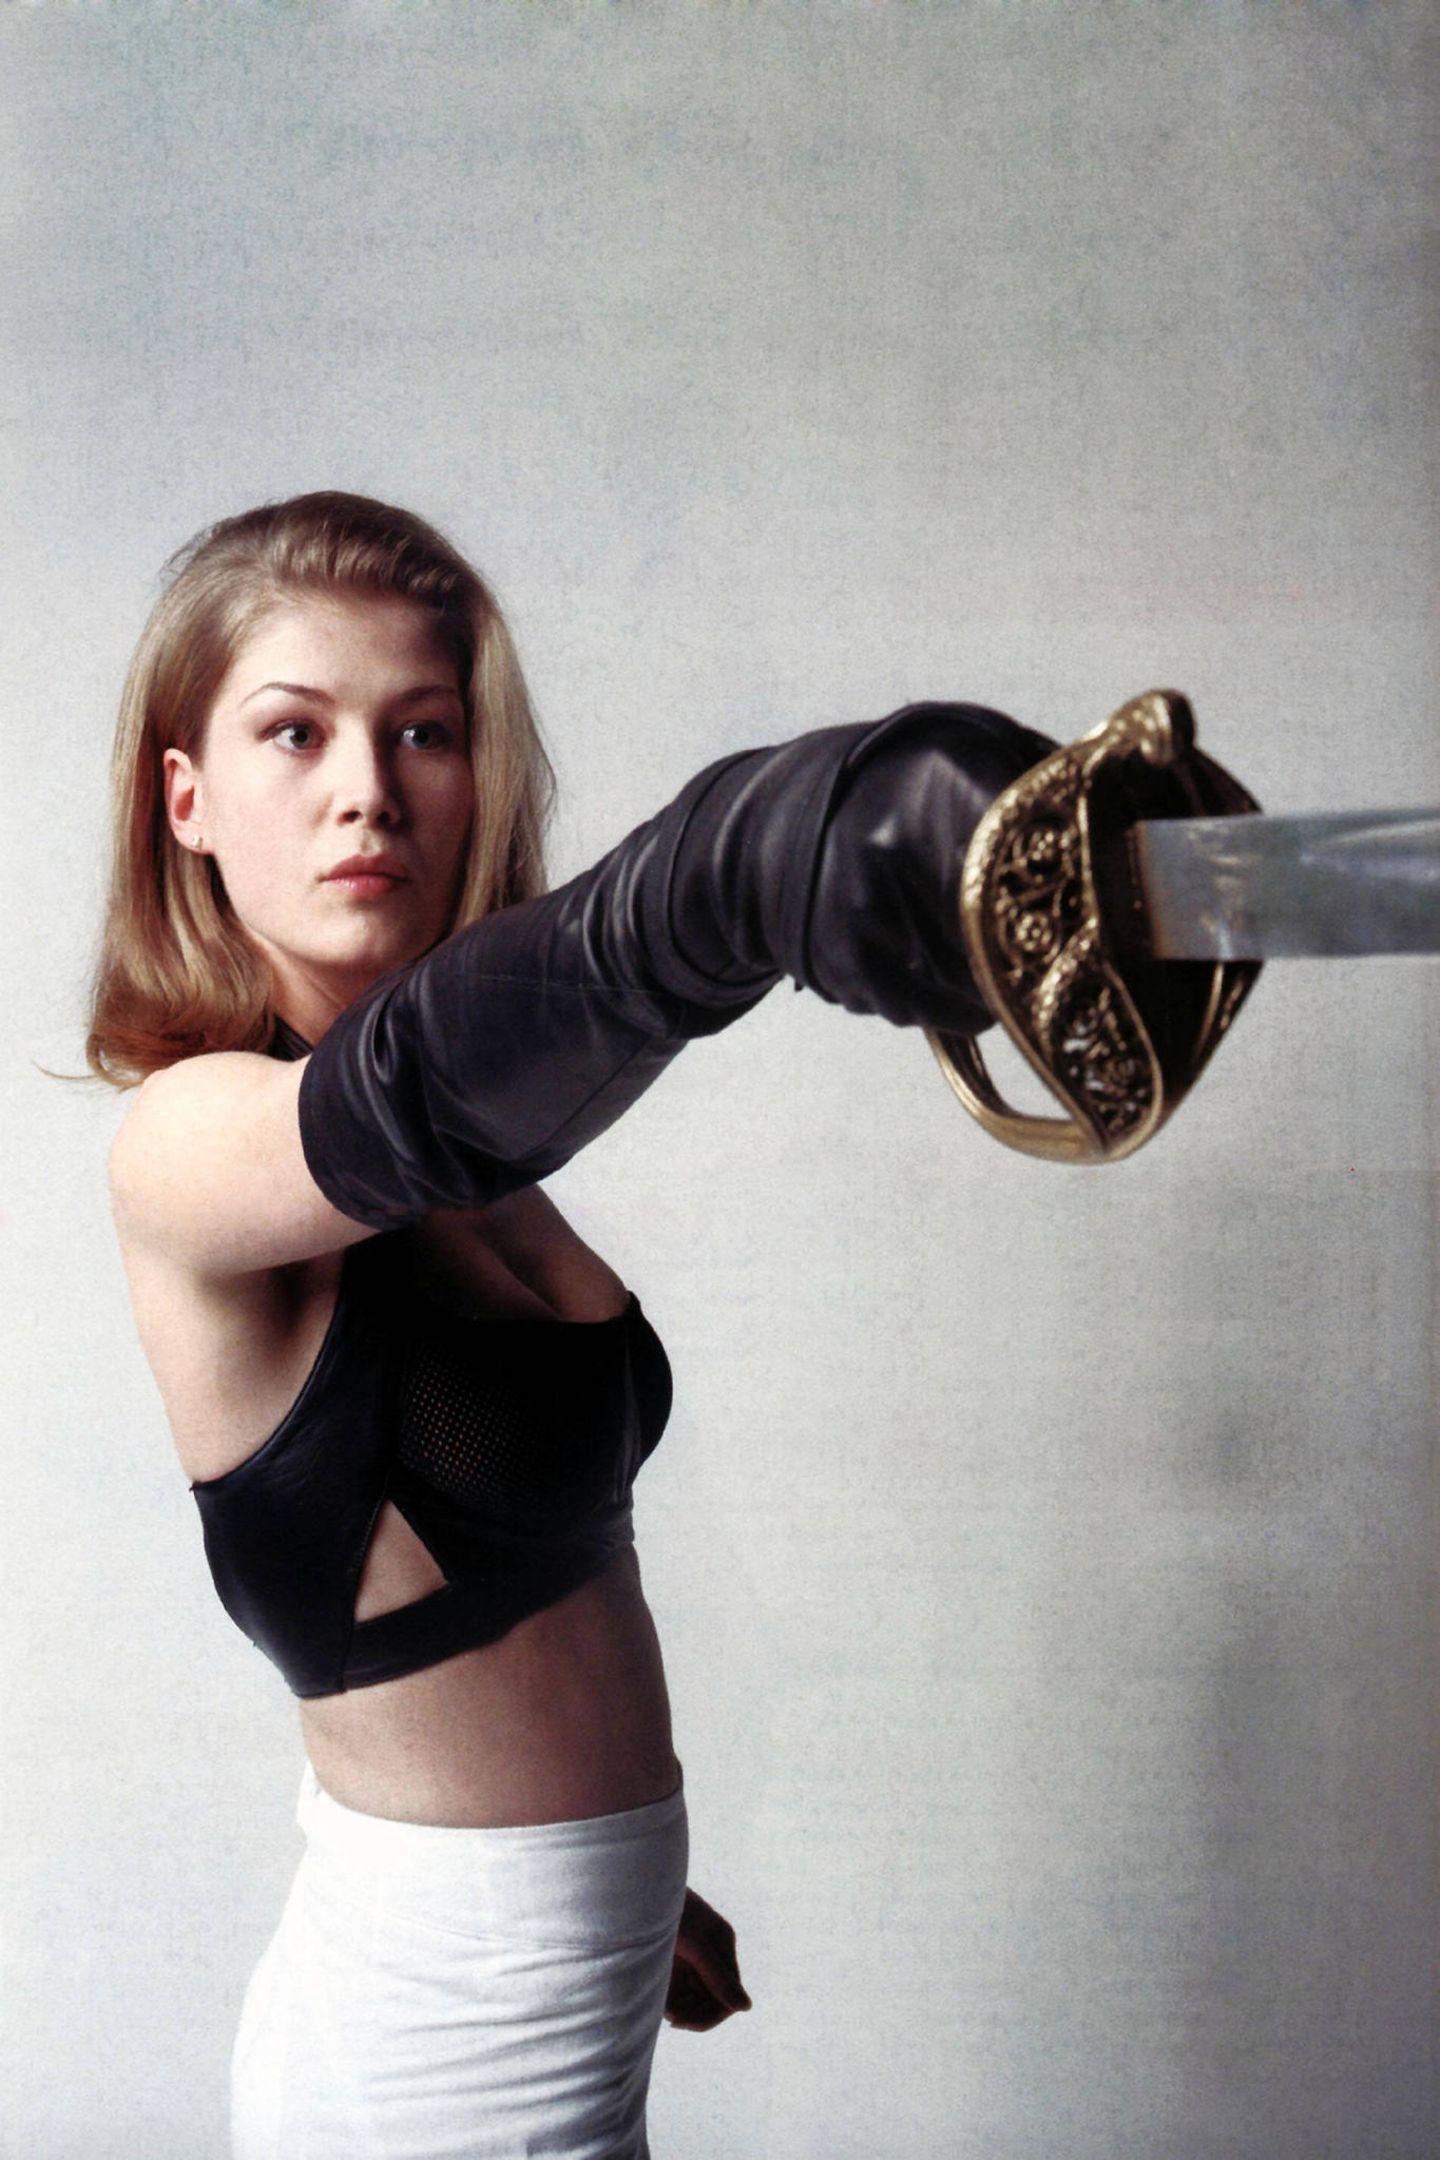 """Rosamund Pike machte Pierce Brosnan als 007 in """"Stirb an einem anderen Tag"""" die Hölle heiß. Als Miranda Frost wurde sie 2002 weltberühmt.Am 27. Januar 2021 feiert die Blondine ihren 42. Geburtstag – und sie sieht noch immer super aus. Sehr selbst ..."""